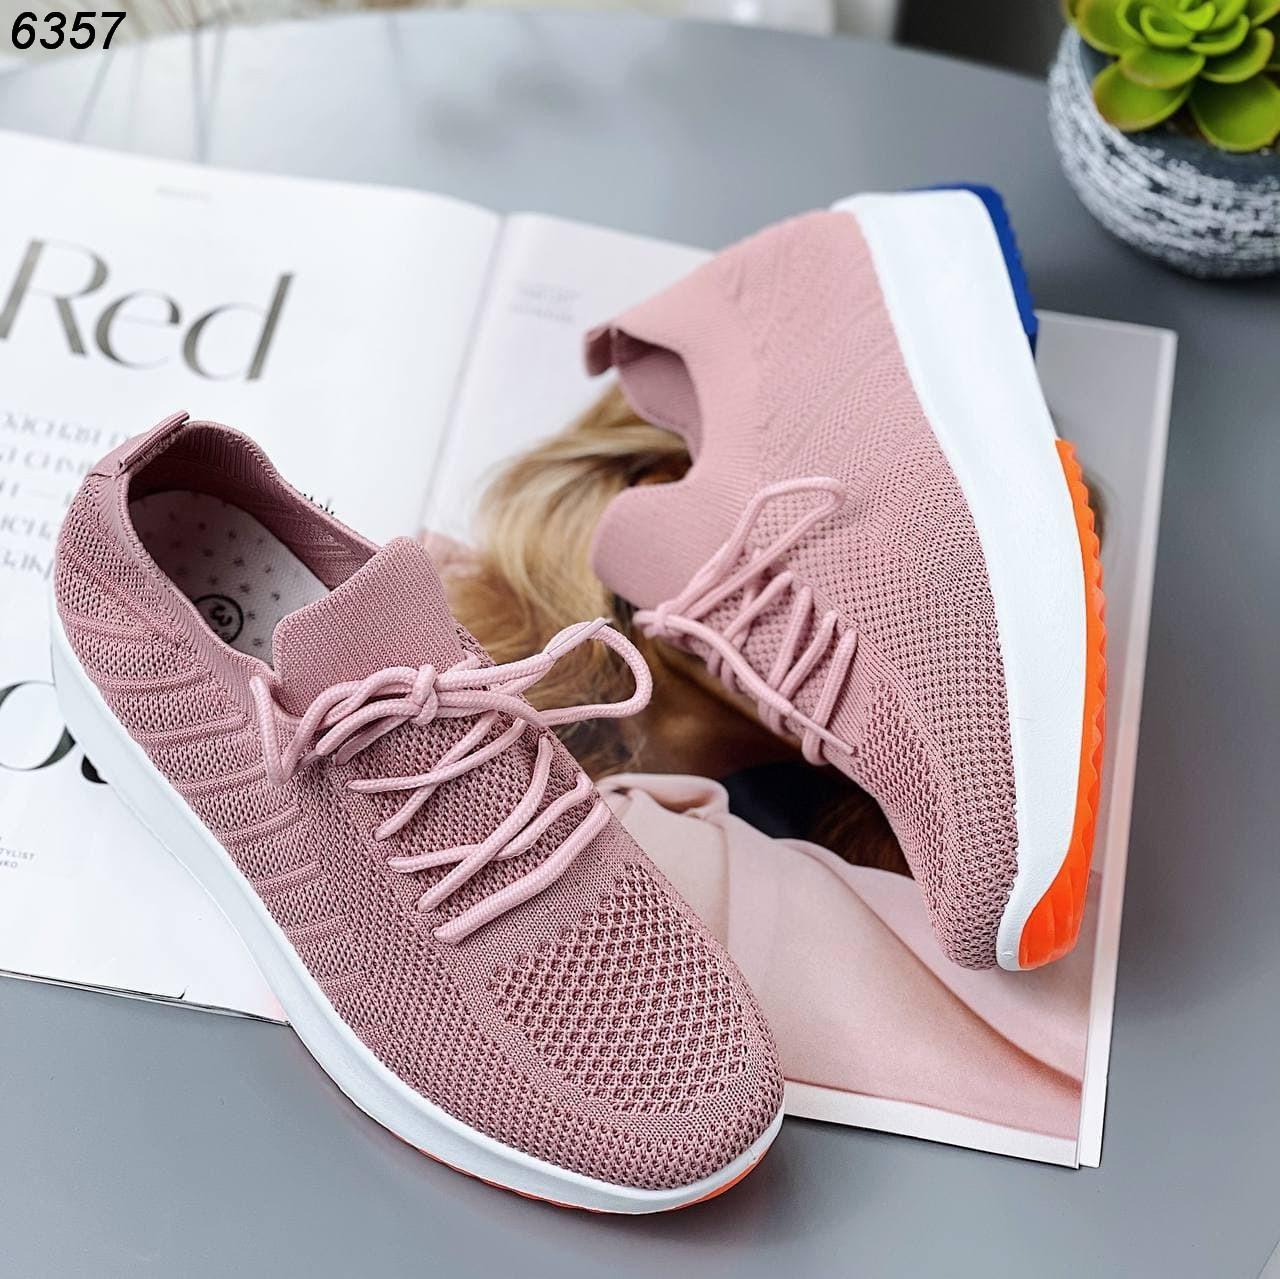 Красивые кроссовки на высокой подошве 6357 (ВБ)